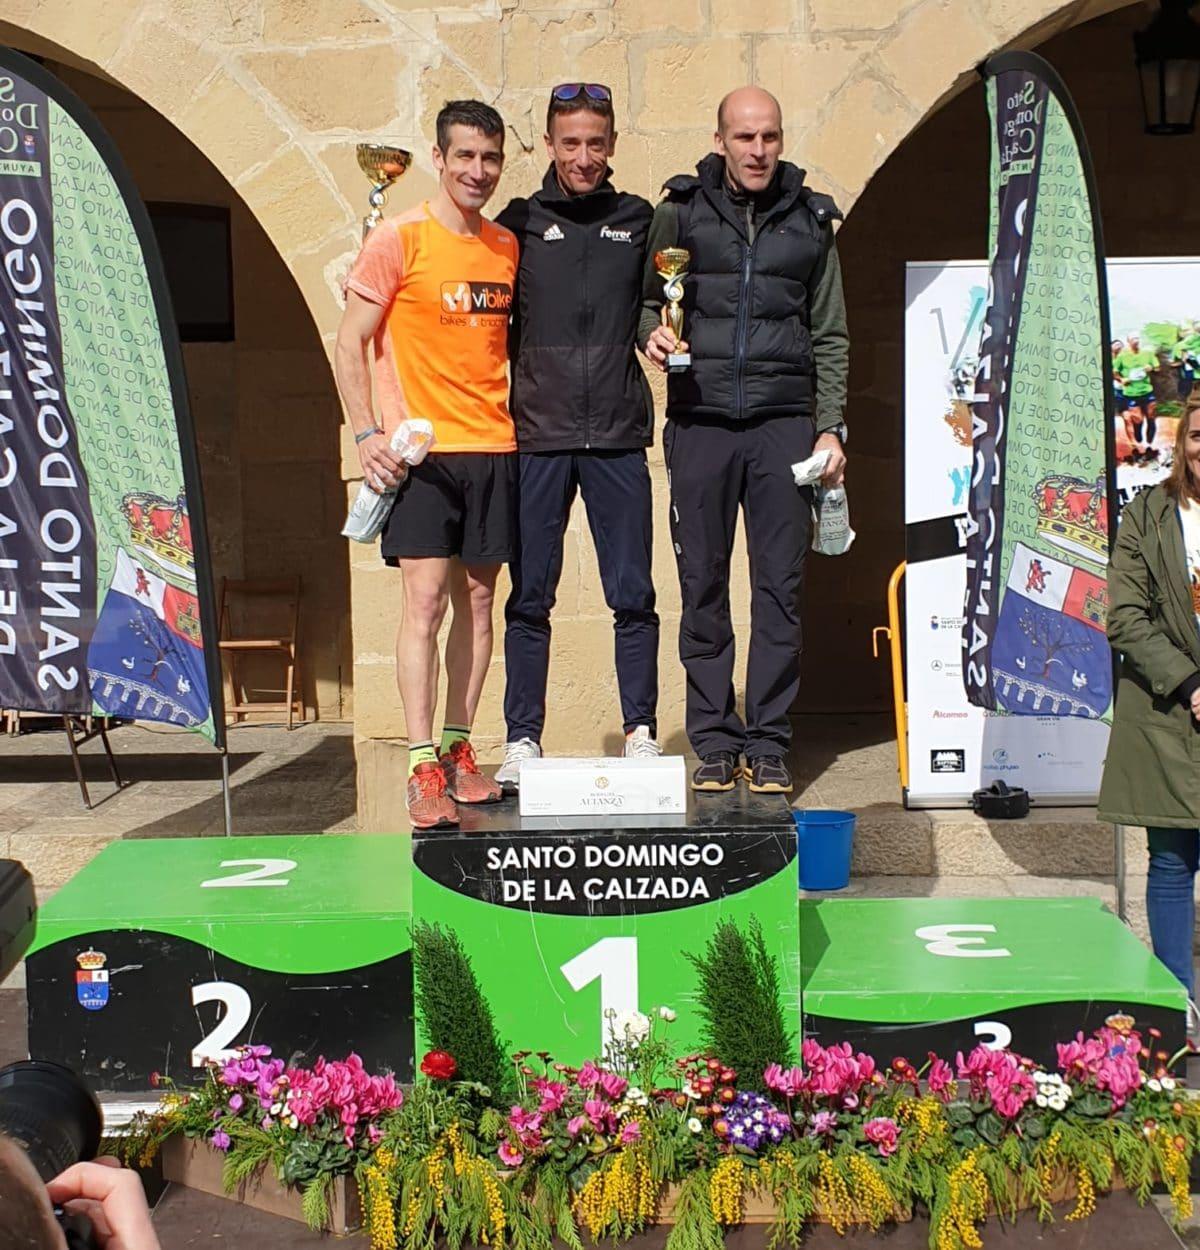 Ángel Martínez y Ane Zabala, vencedores de la XIII Media Maratón del Camino 2